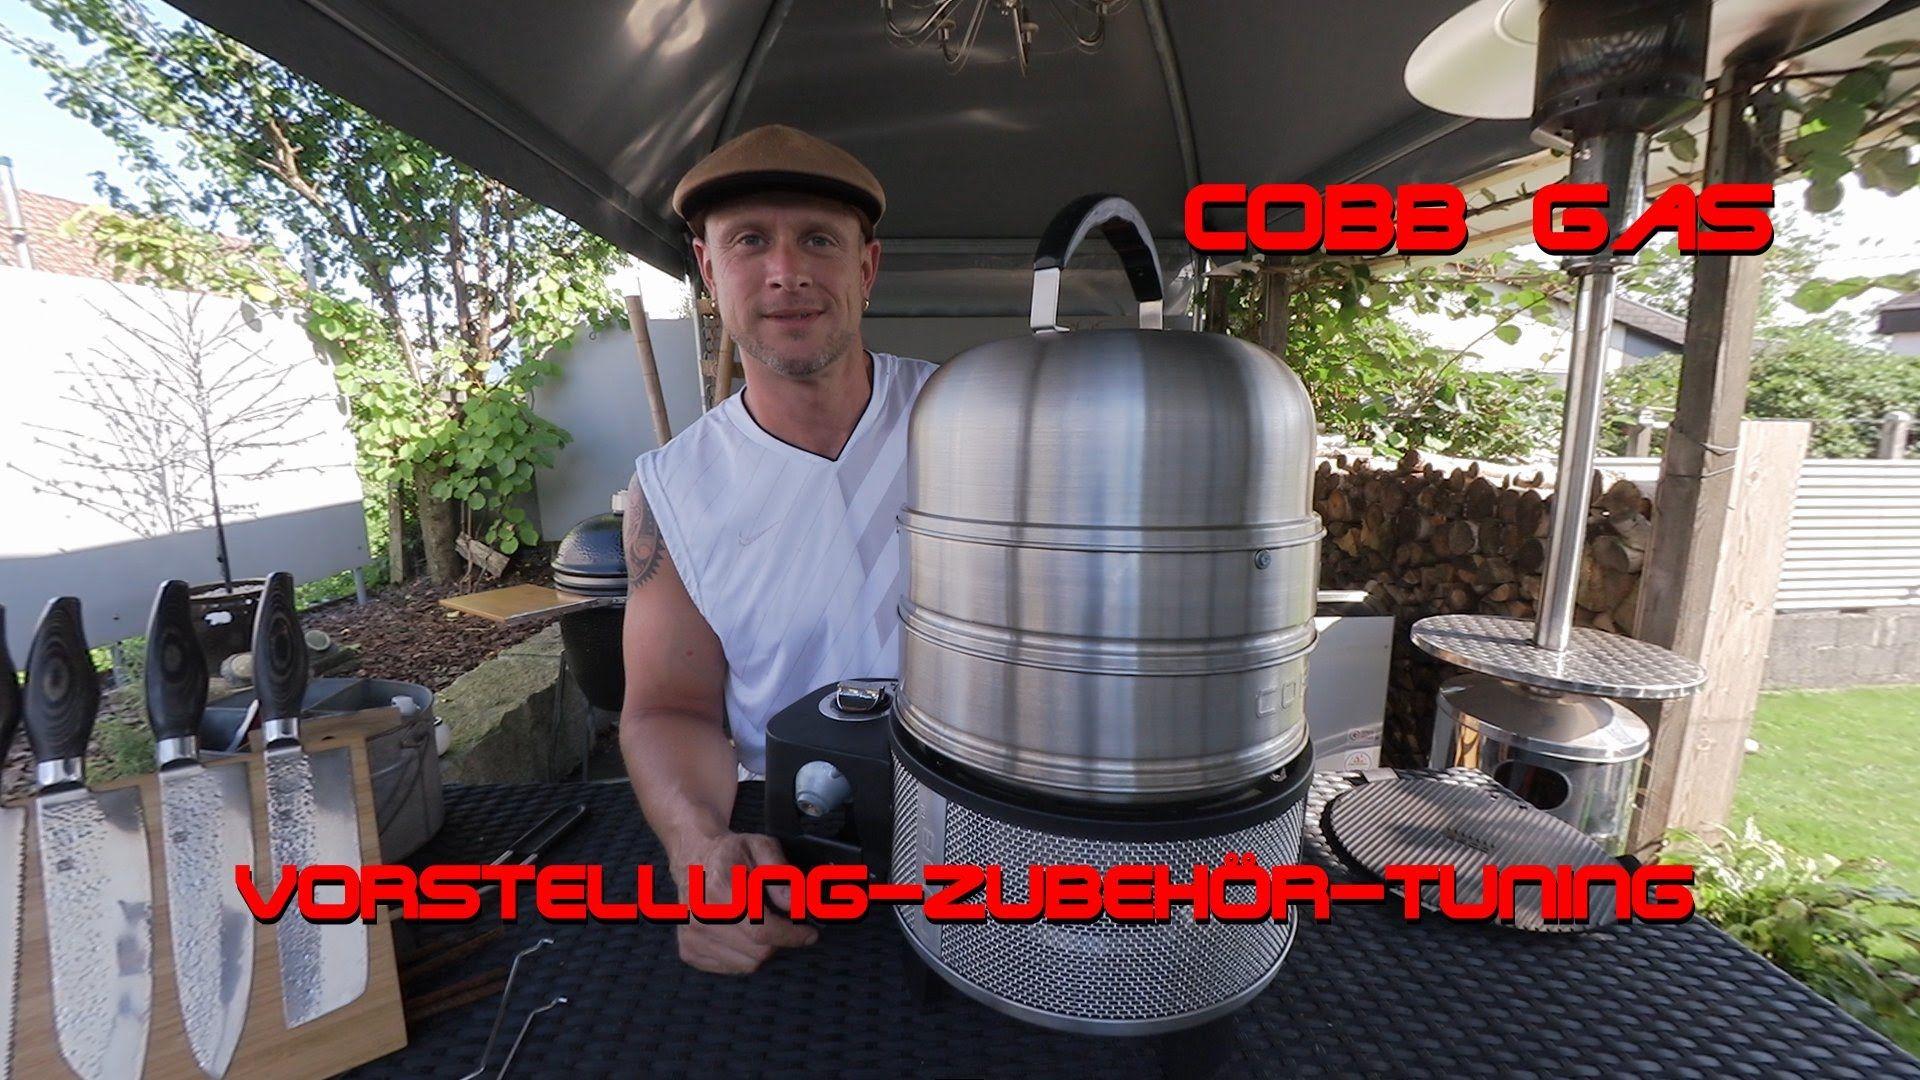 cobb gas grill / vorstellung - zubehör - tuning -tipps | cobb